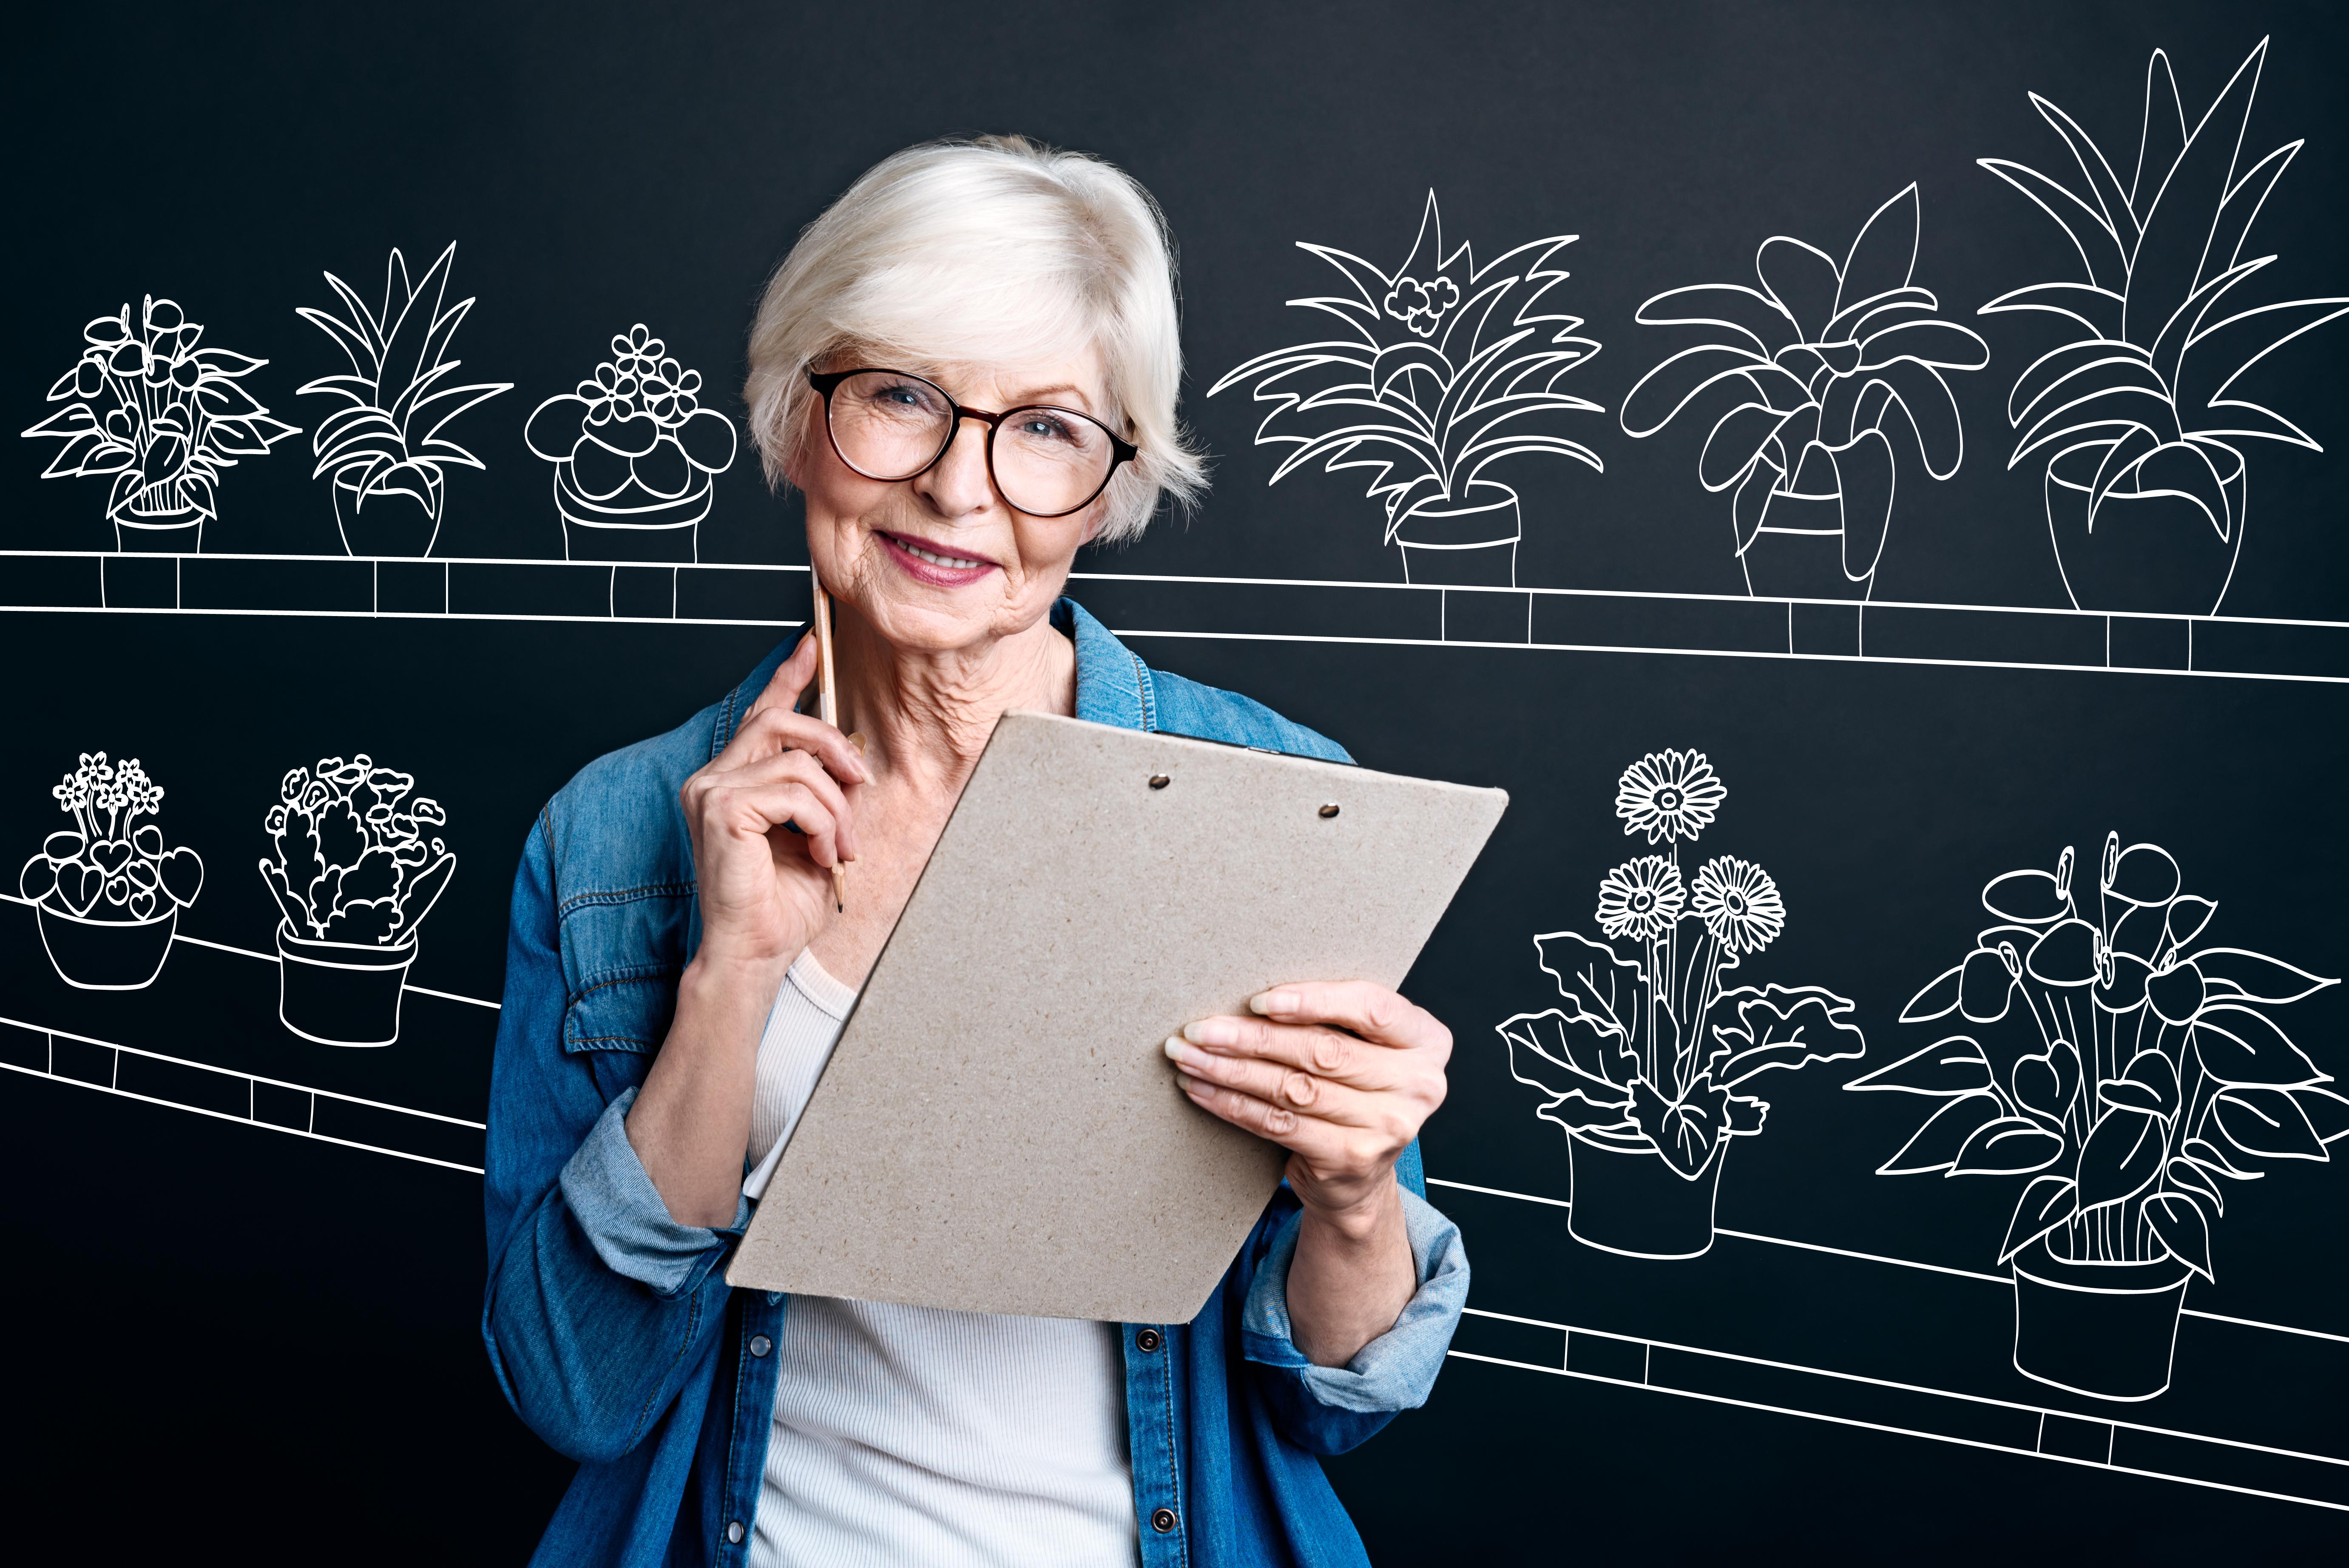 Zatrudnienie seniorów wiąże się z zastosowaniem innowacyjnych praktyk i zasad sprzyjających dłuższej aktywności zawodowej. (Fot. Shutterstock)